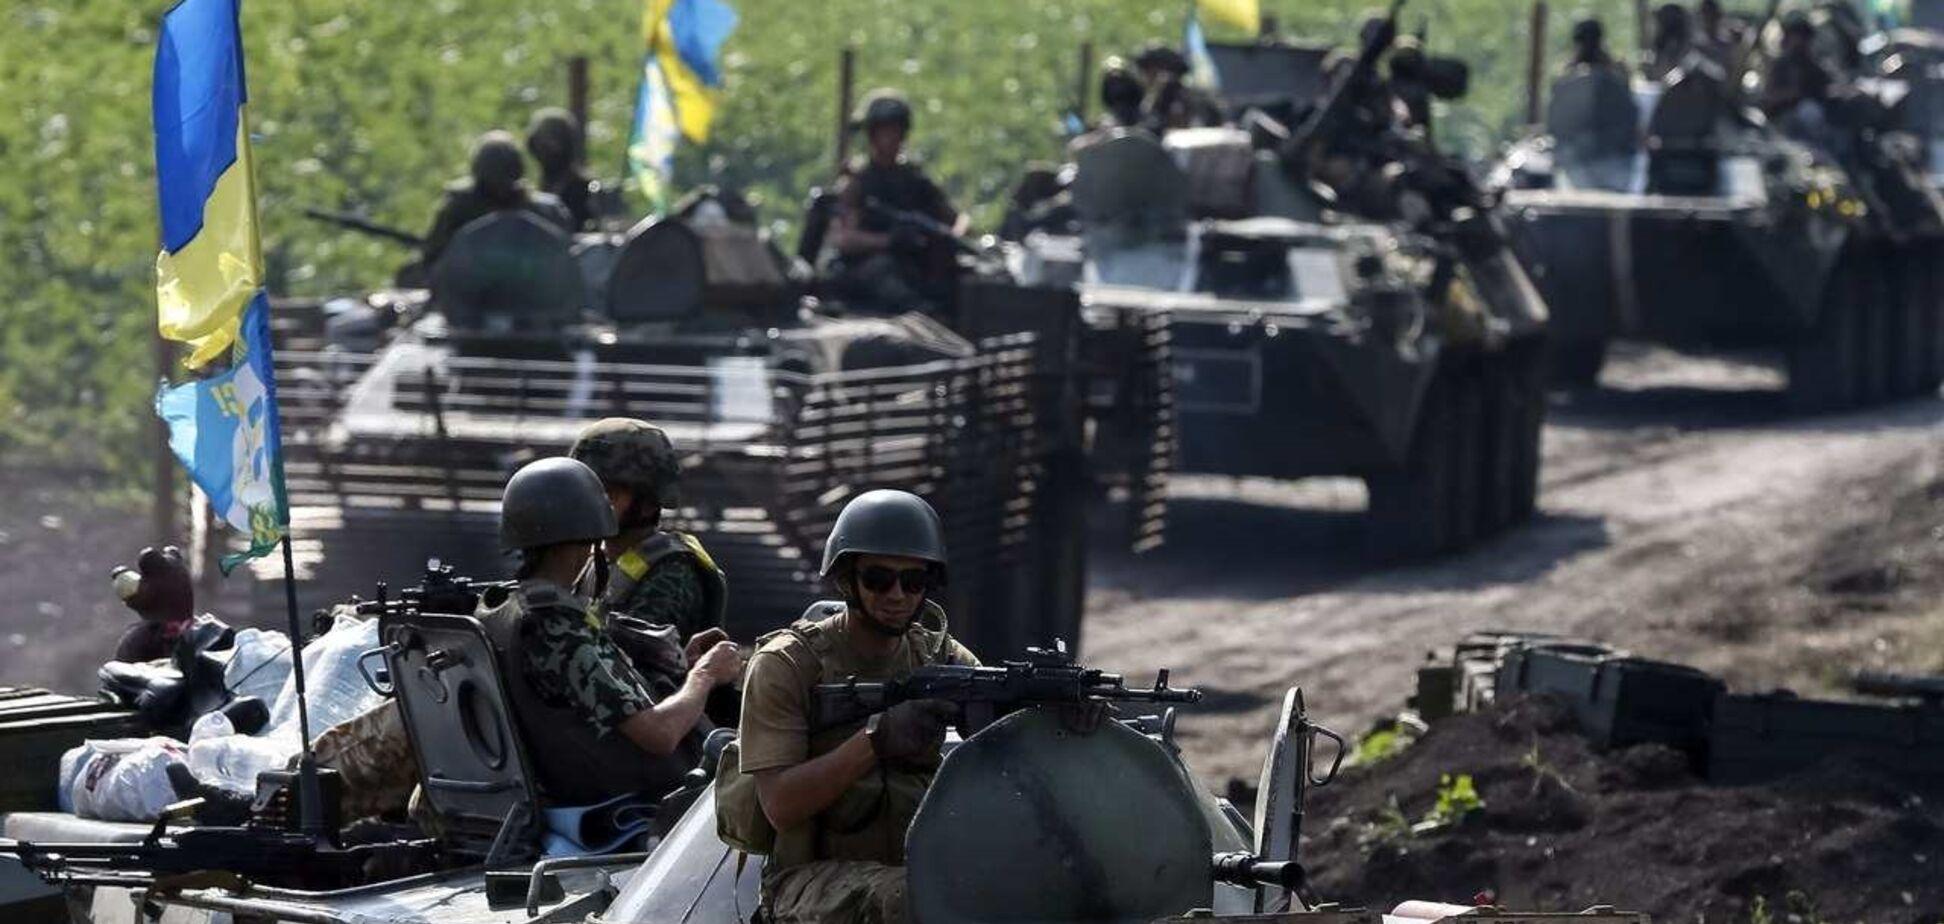 Новый план по возвращению Донбасса поставили под сомнение